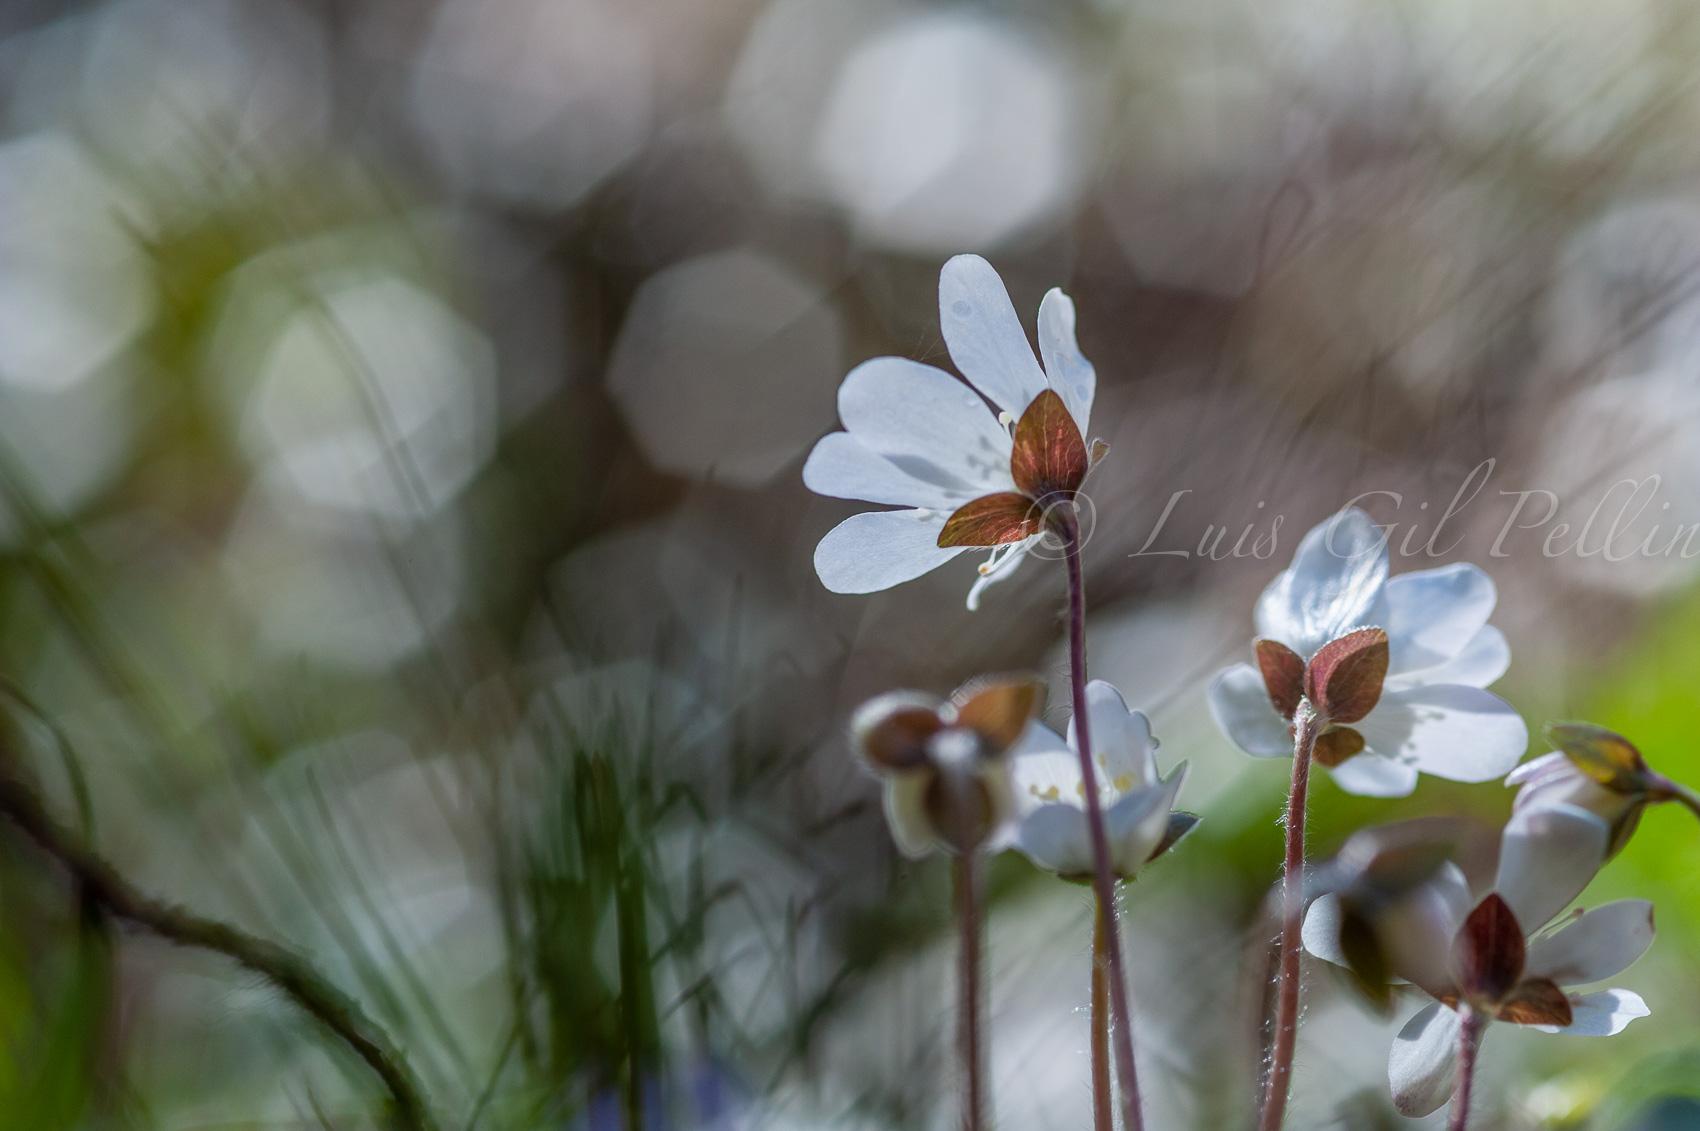 El despertar de las hepáticas - Mundo vegetal - Luis Antonio Gil  Pellín , Fotografia de naturaleza